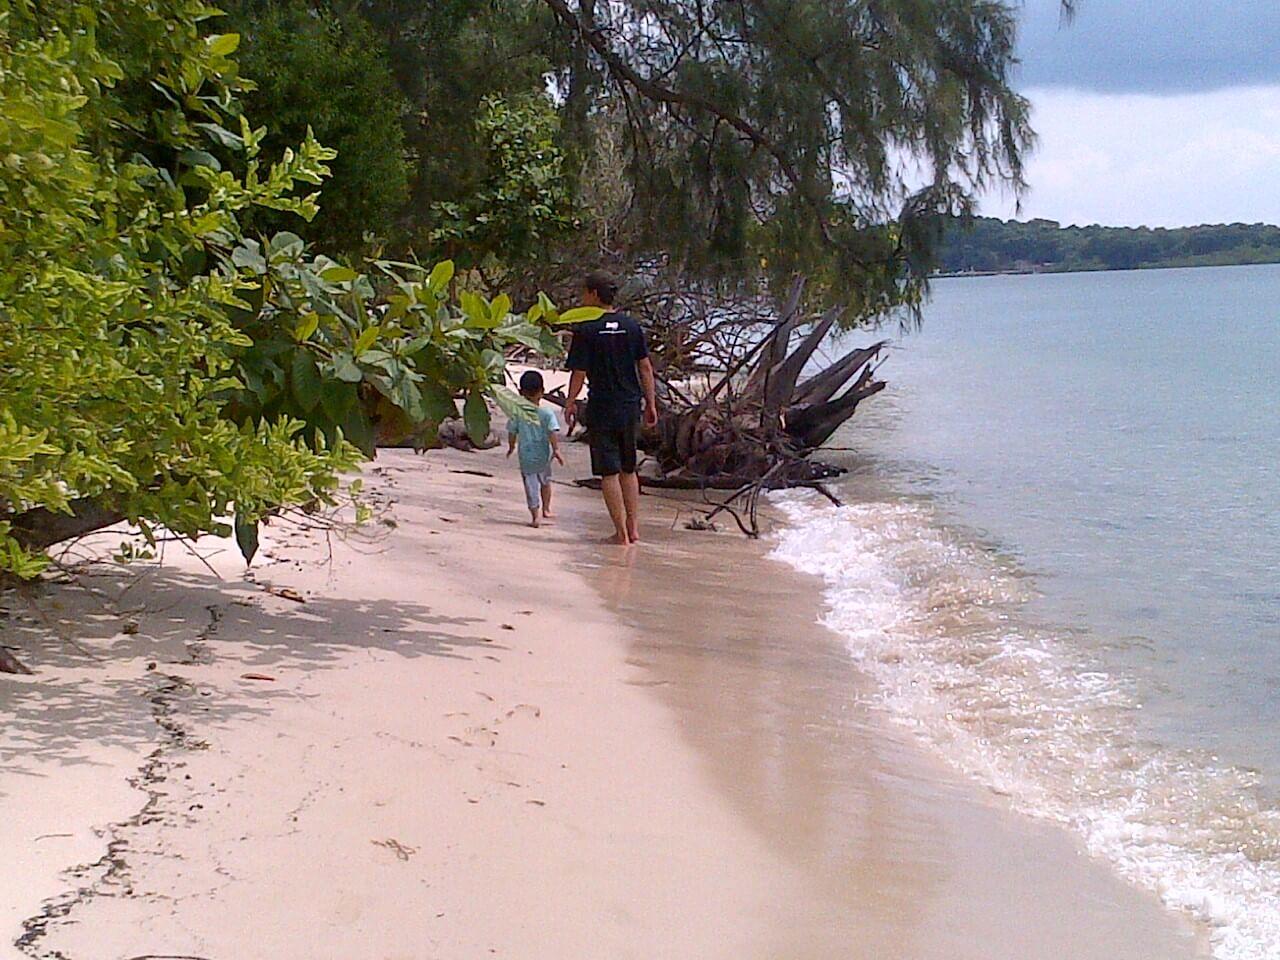 Pantai Indah, Pulau Lengkana Belakang Padang 6